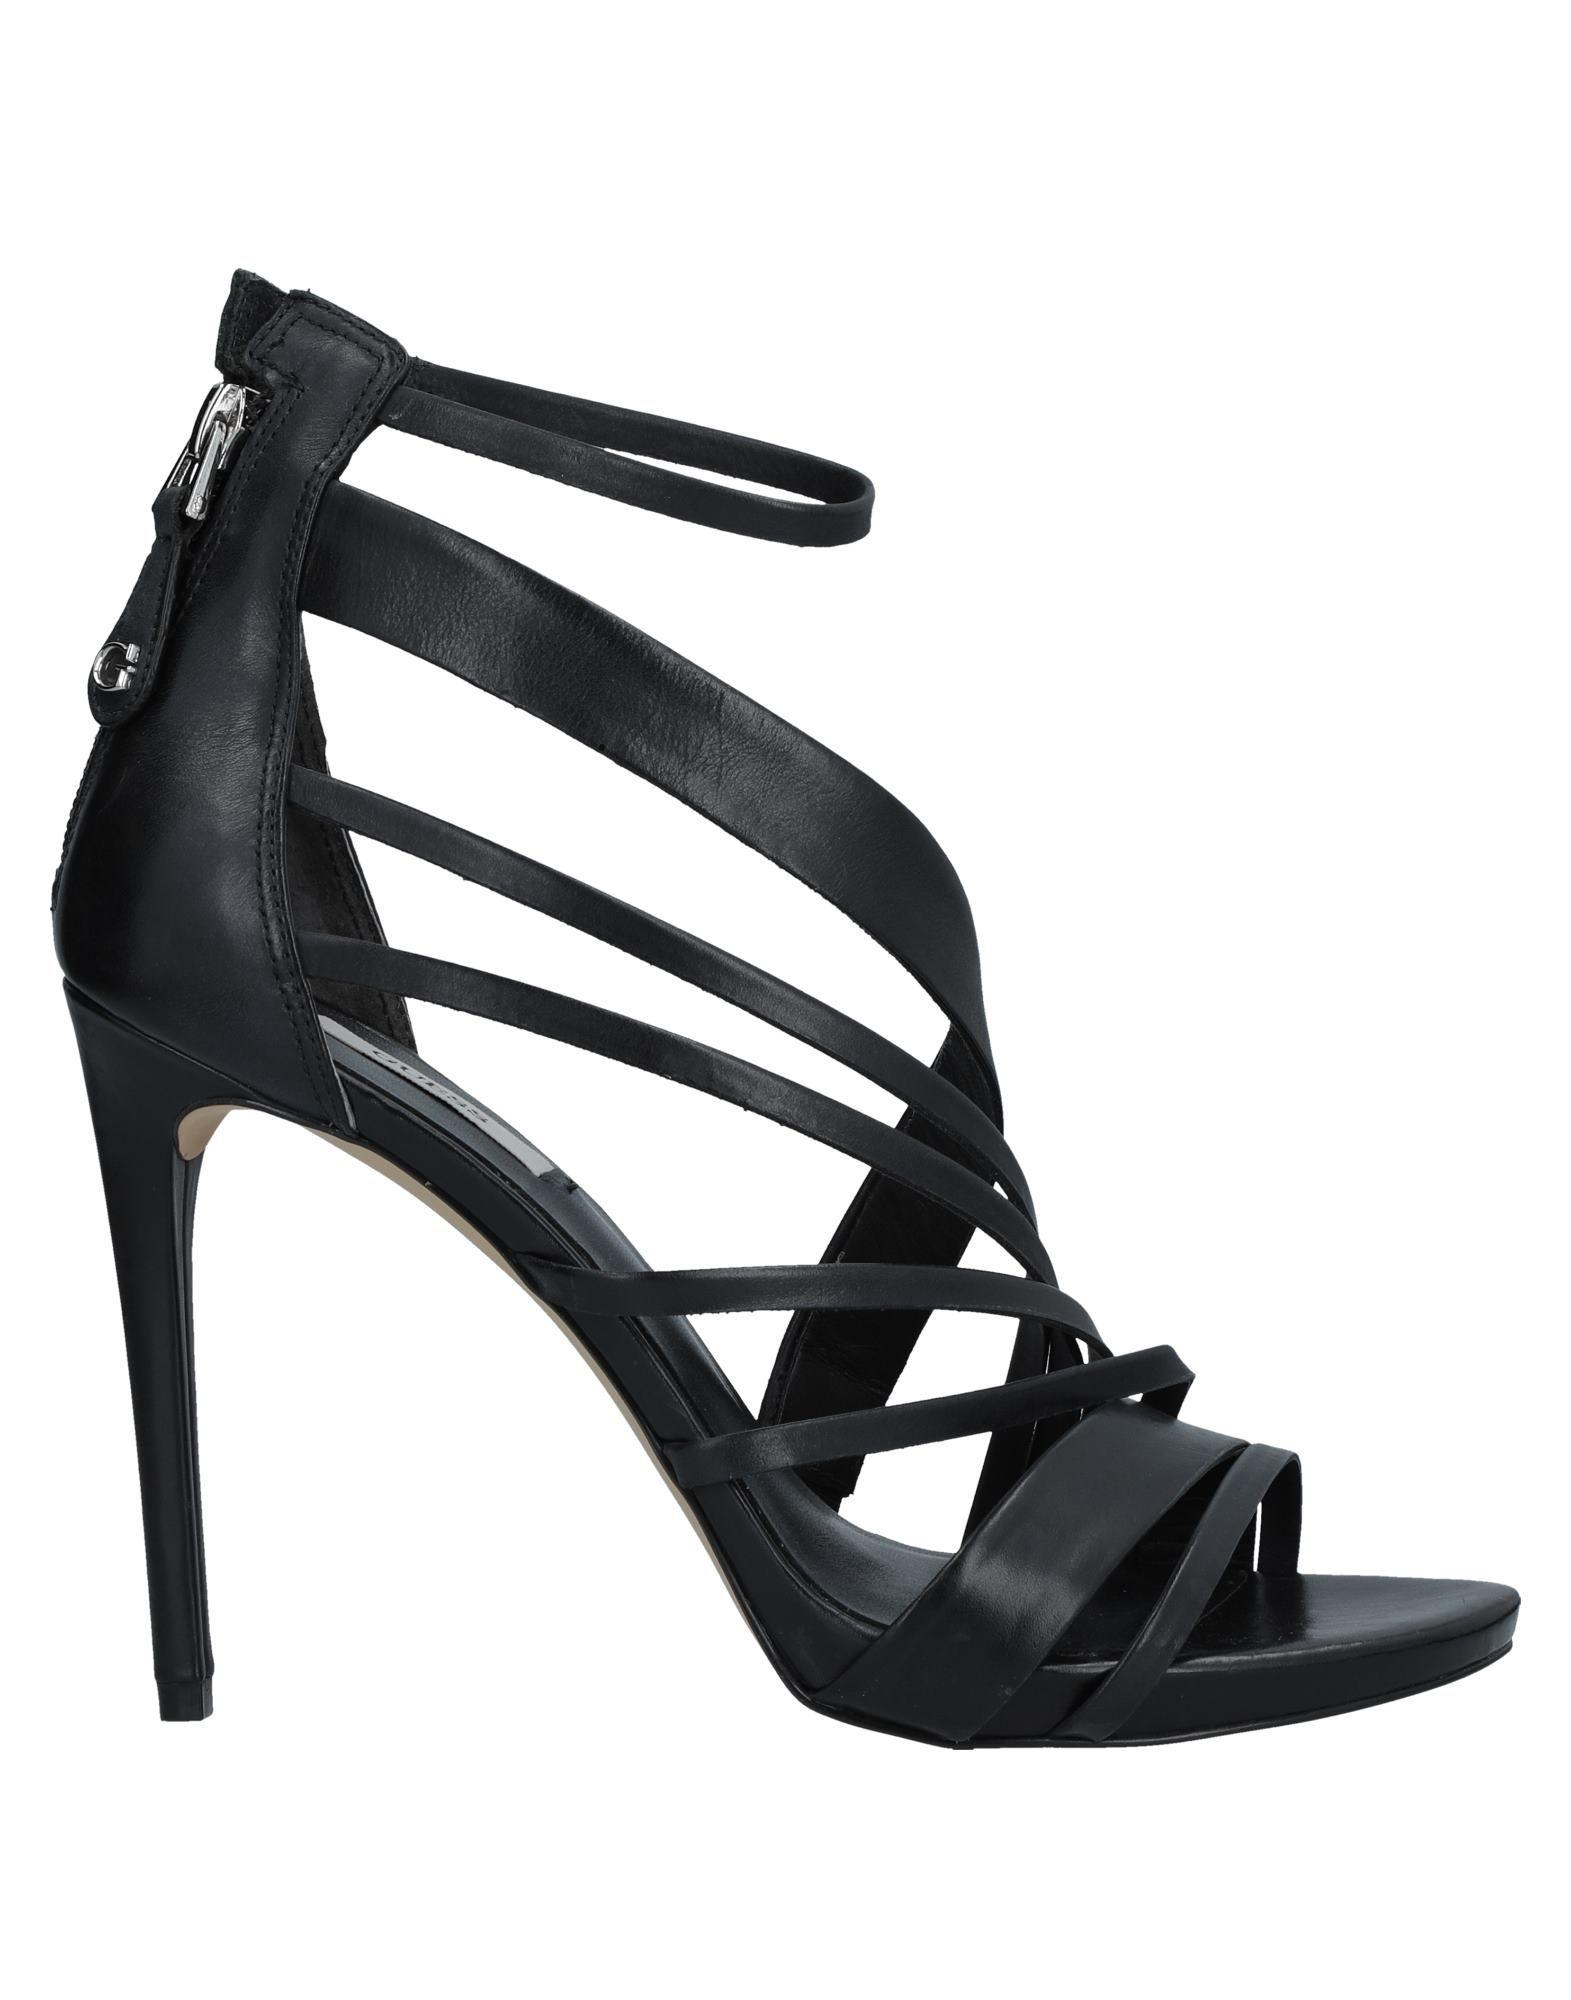 Guess Sandalen Damen  11021135GX Gute Qualität beliebte Schuhe